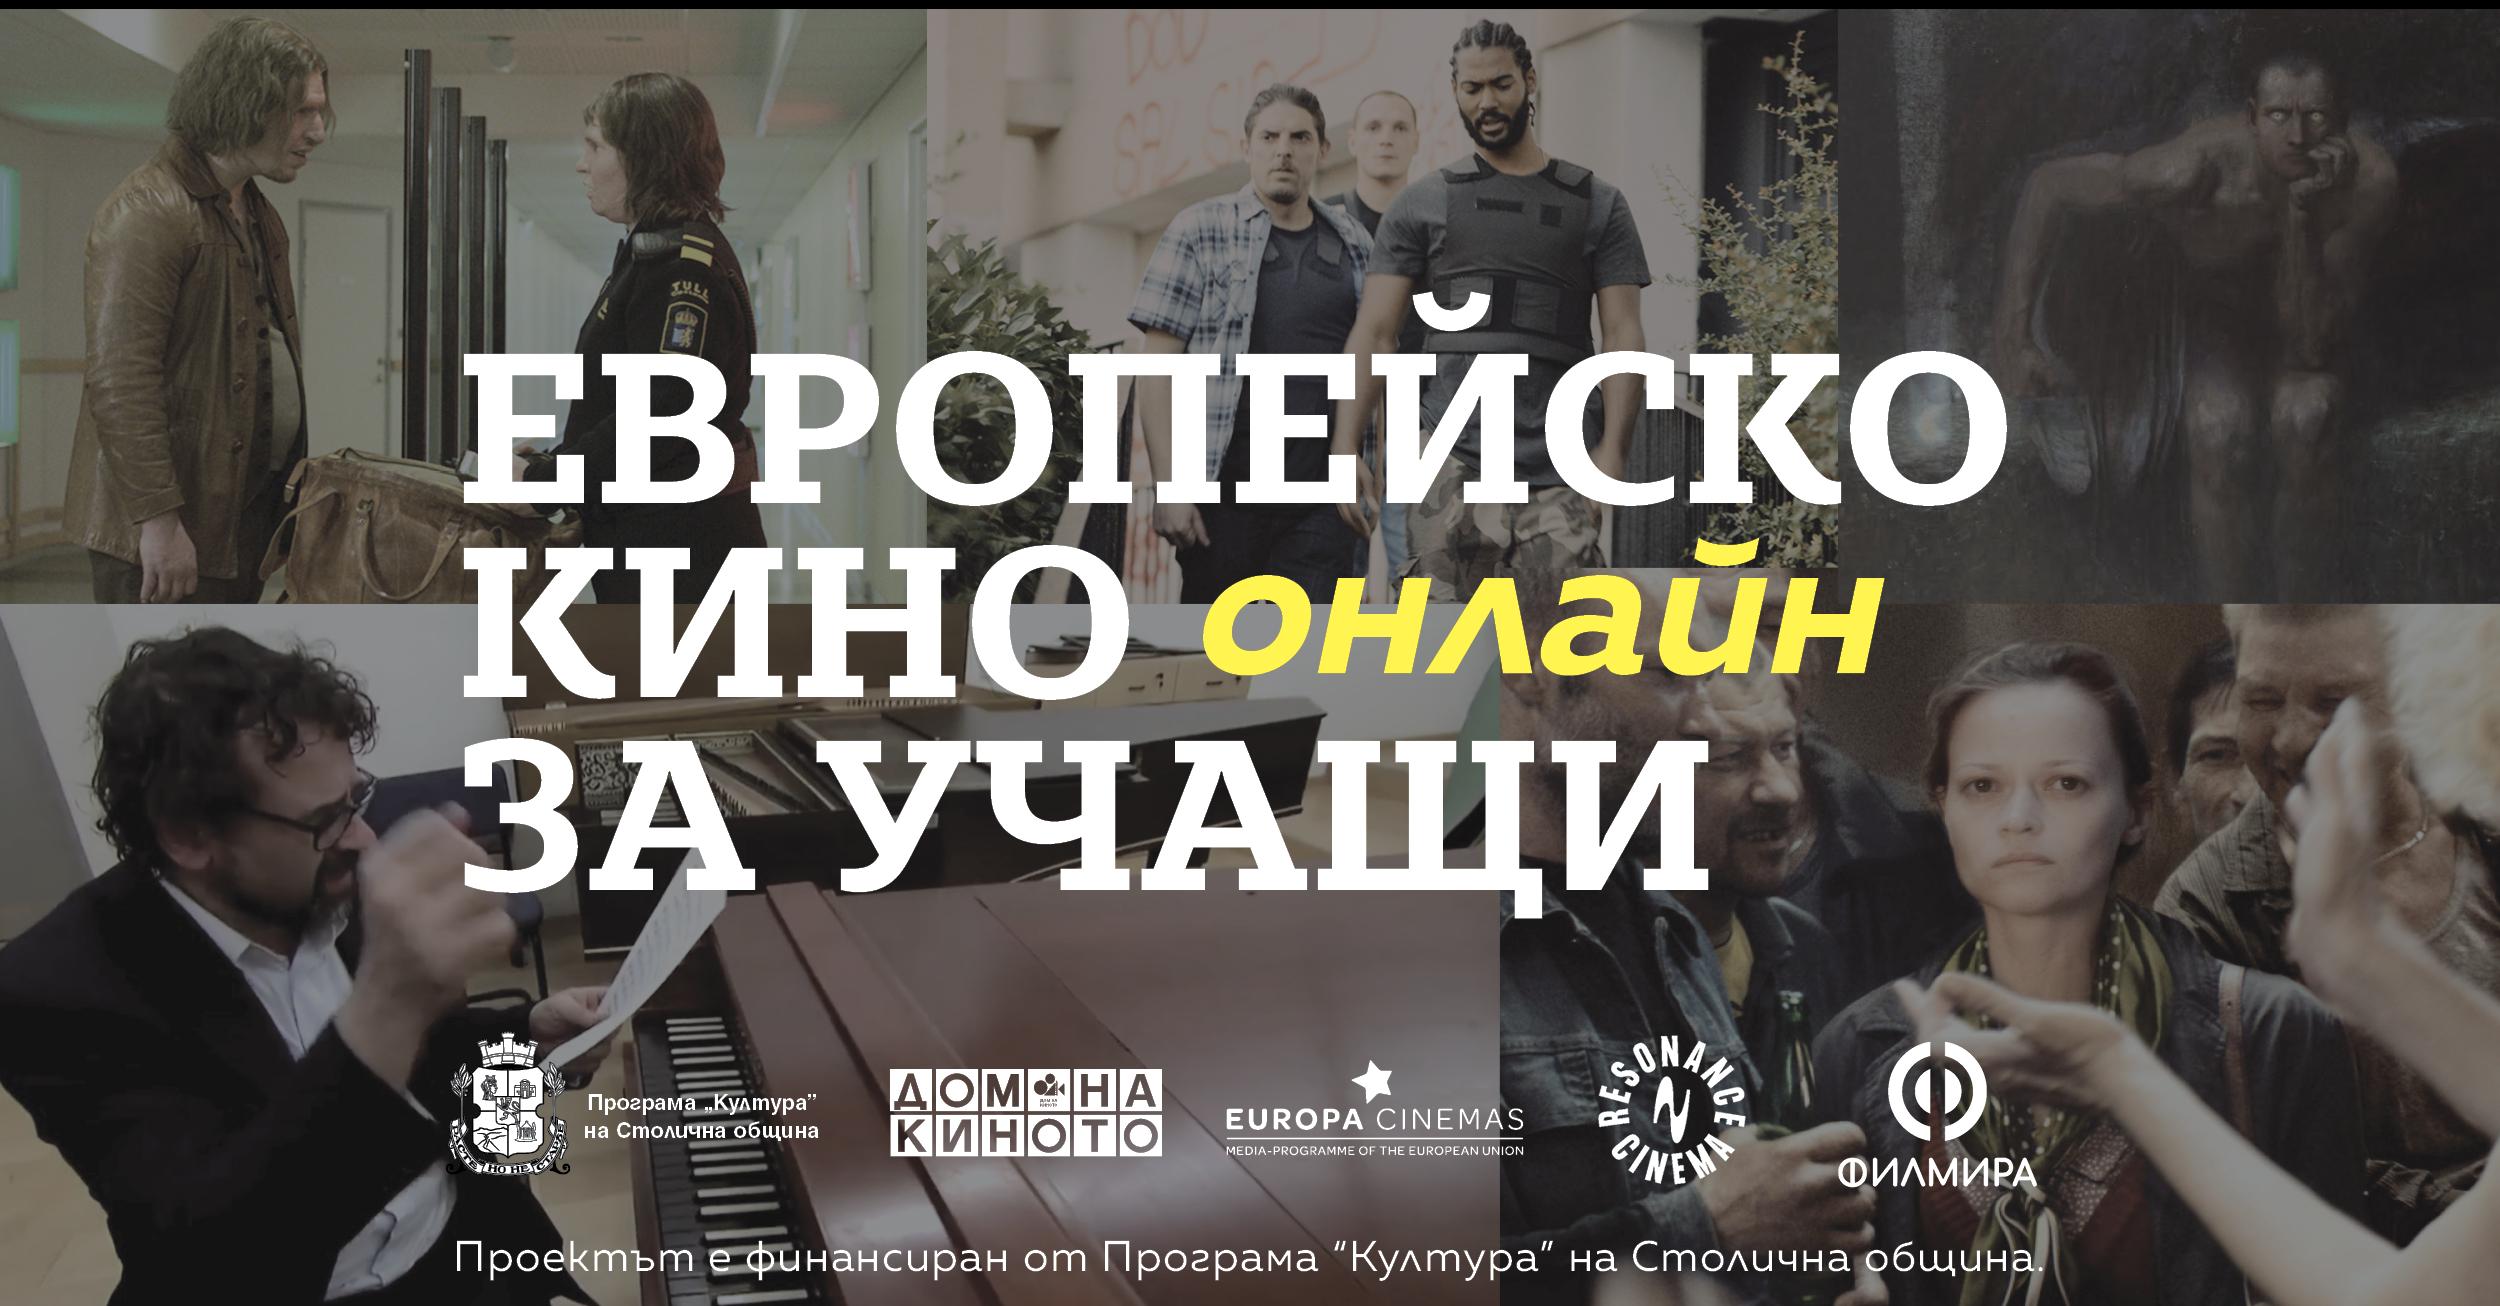 ЕВРОПЕЙСКО КИНО ЗА УЧАЩИ продължава онлайн и през януари 2021